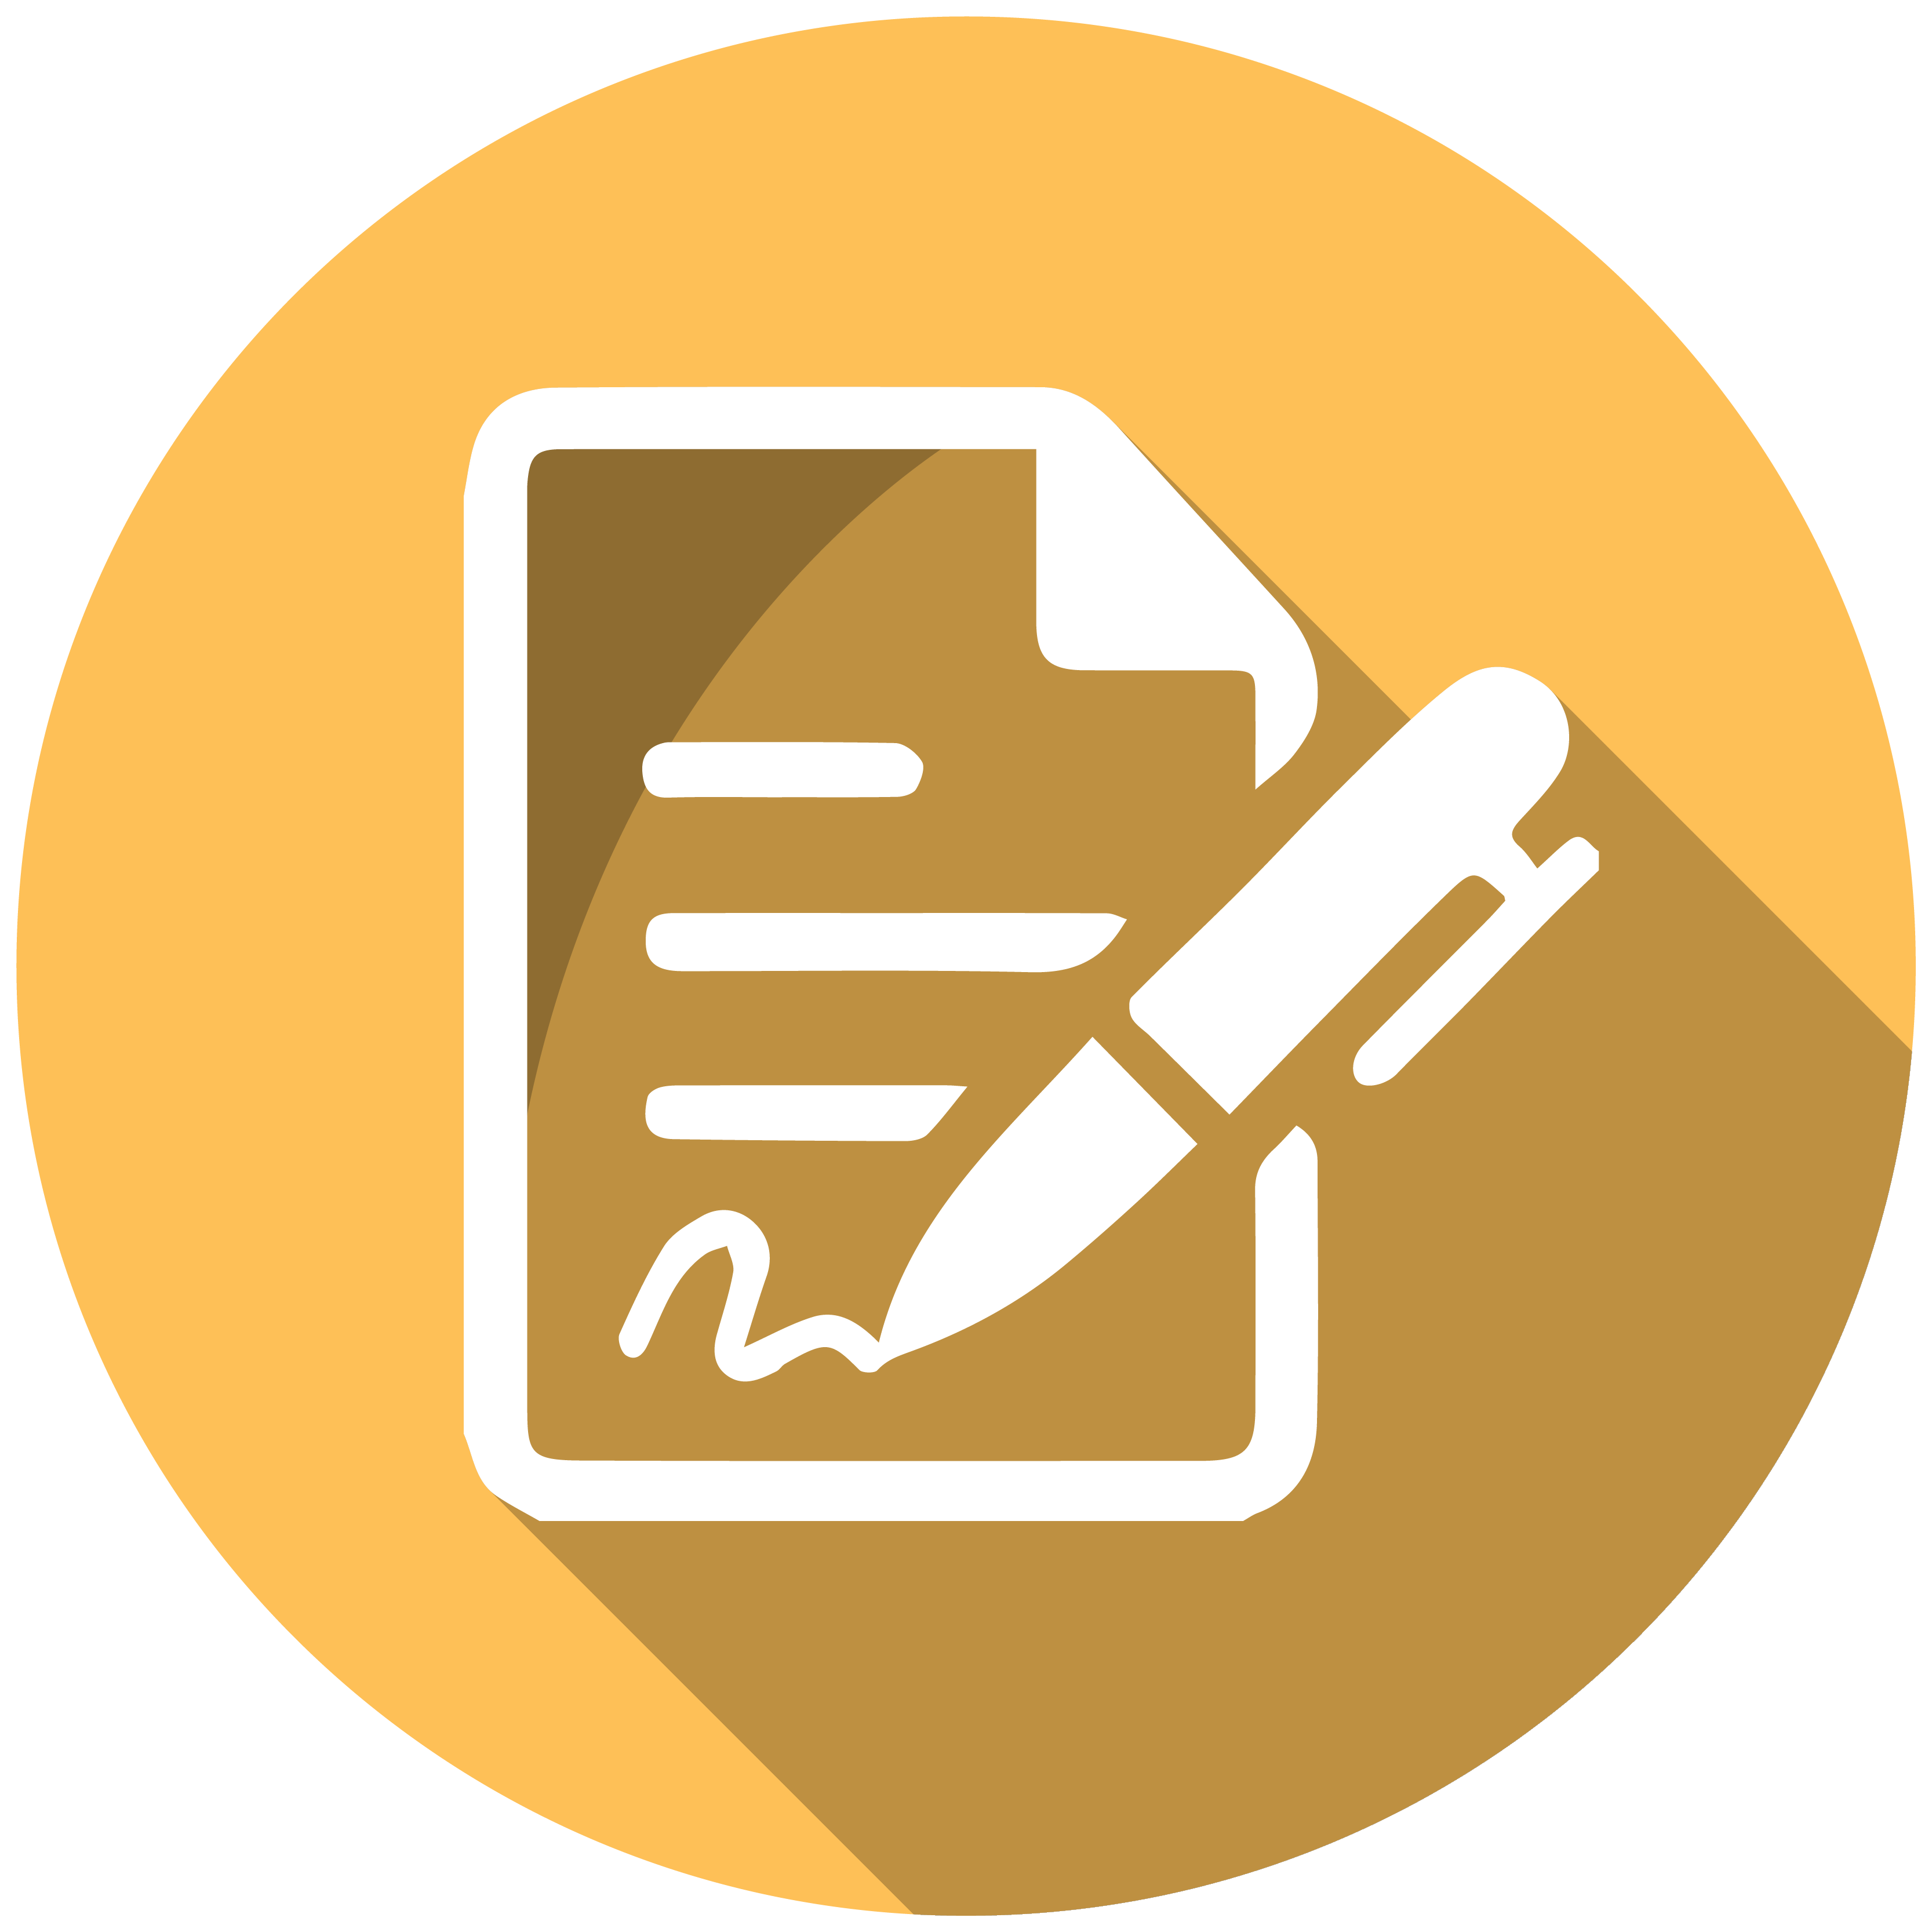 دریافت فایل مقالةكنترل كننده های برنامه پذیرPLC - پرداخت و دانلود آنی